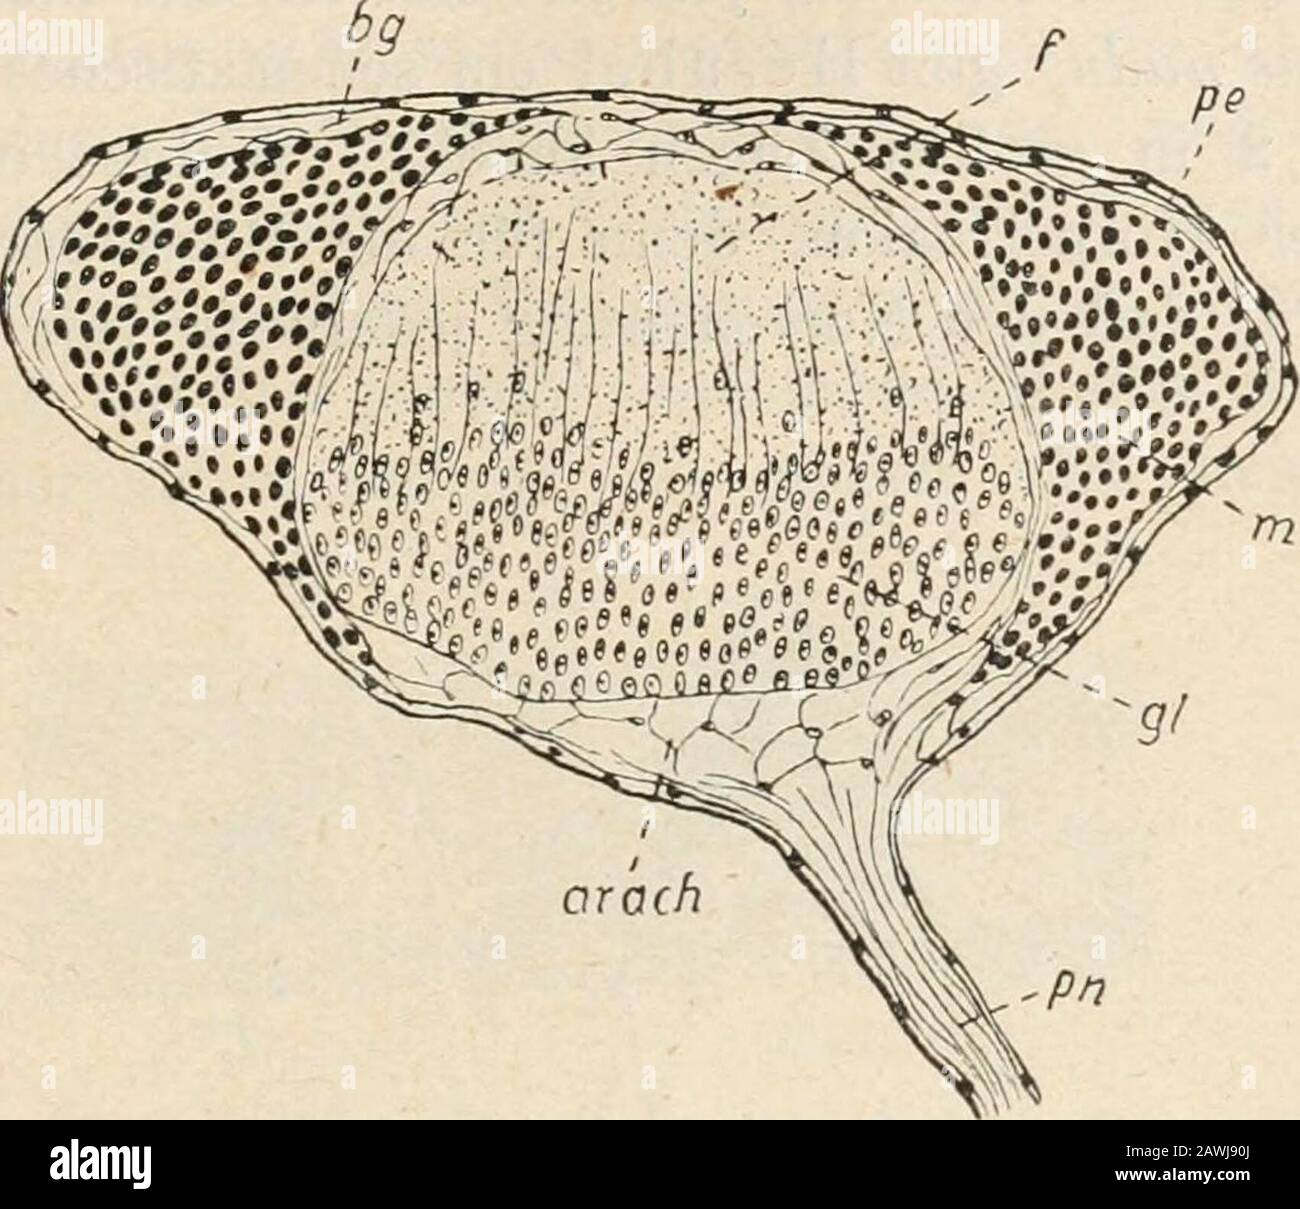 Zoologischer Anzeiger . ngeine Muscularis besitzen, eine Gewebsschicht, die wir sonst nicht ge-wohnt sind in Verbindung mit Nervenzügen anzutreffen. Am leichtesten gewinnen wir Klarheit über die Zusammensetzungdes ventralen Nervenstranges, wenn wir einen Querschnitt ansehen.In der einstülpbaren Rüsselpartie ist derselbe länglich-oval (s. Fig. 1).Von außen her treffen wir folgende Schichten an: das Peritoneal-epithel (Fig. 1 pe), eine zarte Bindegewebsschicht [bg], zwei seitlicheLängsmuskelmassen (m), eine grobmaschige Bindegewebsschicht zuvergleichen der Arachnoidea der Wirbeltiere [arach.) un Stock Photo